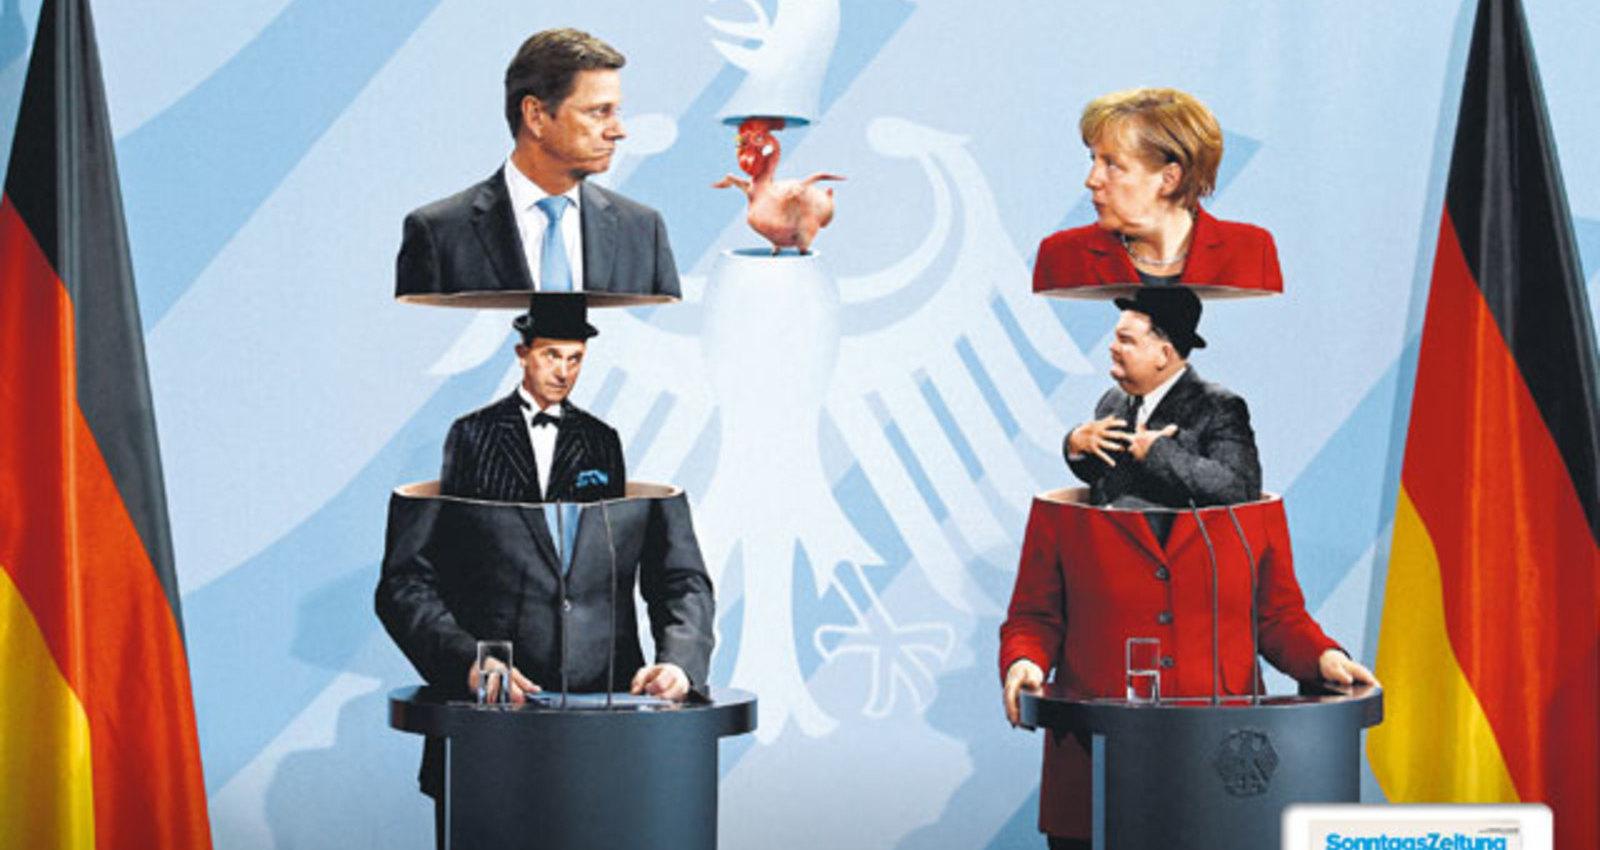 SOZ - Merkel